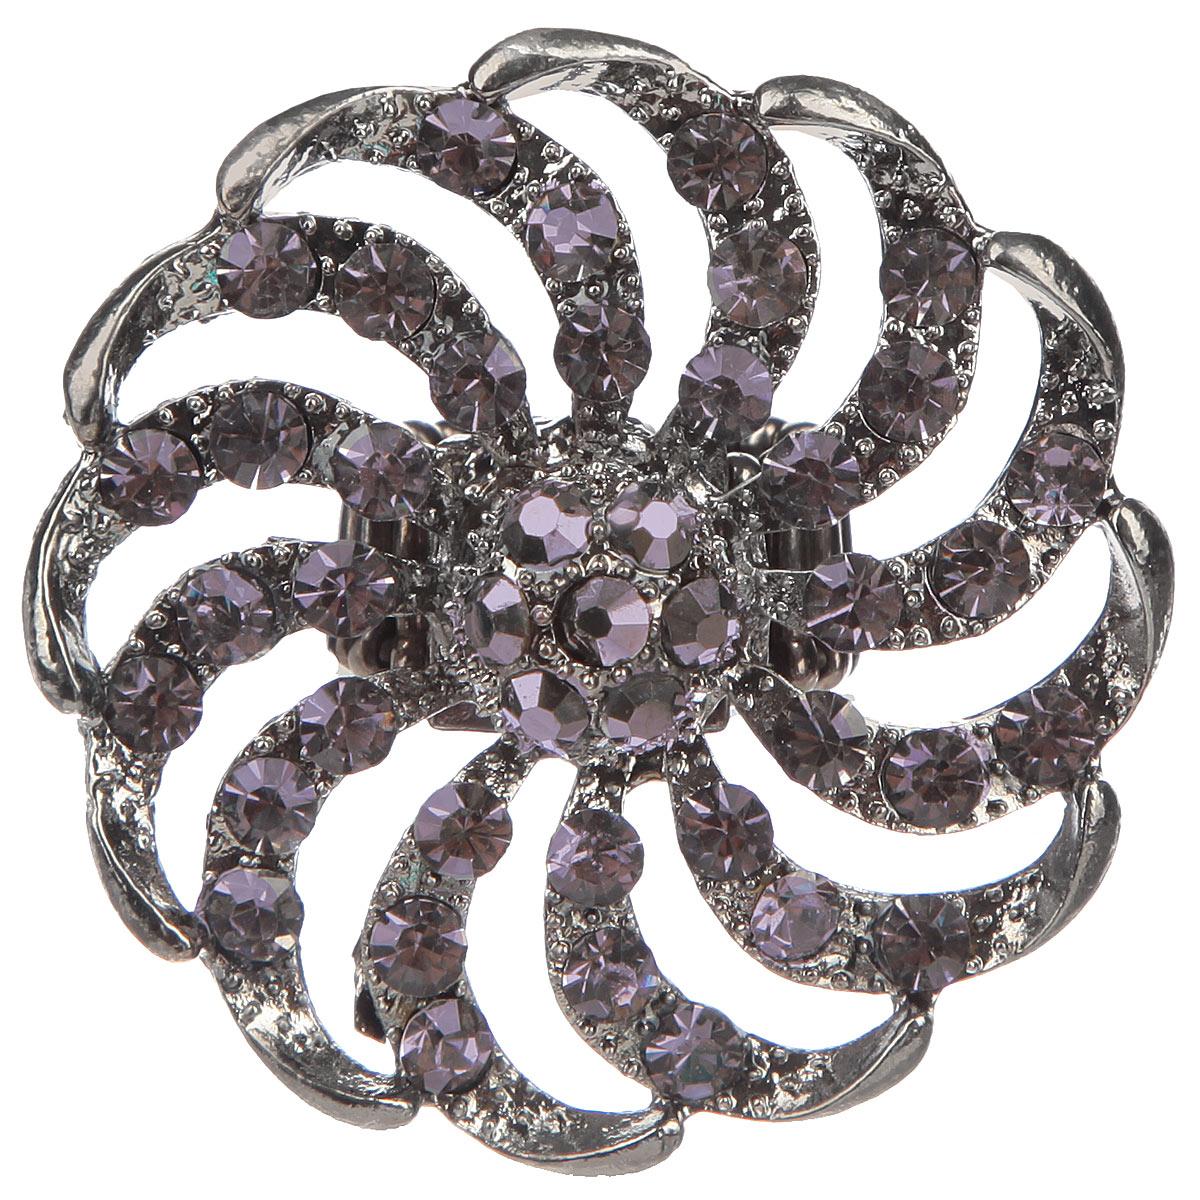 Кольцо Avgad, цвет: антрацитовый. EA178JW158404-661_31932Оригинальное кольцо Avgad выполнено из ювелирного сплава антрацитового цвета и дополнено стразами. Оно позволит вам с легкостью создать собственный, неповторимый образ. Элементы соединены с помощью тонкой резинки, благодаря этому оно легко одевается и снимается. Диаметр декоративного элемента 5,5 см. Размер кольца универсальный.